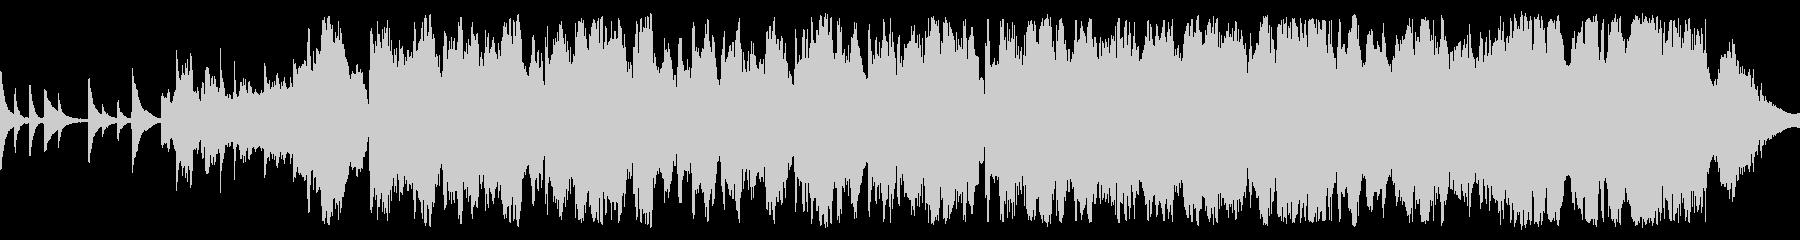 センチメンタルな秋のバラード ループ仕様の未再生の波形